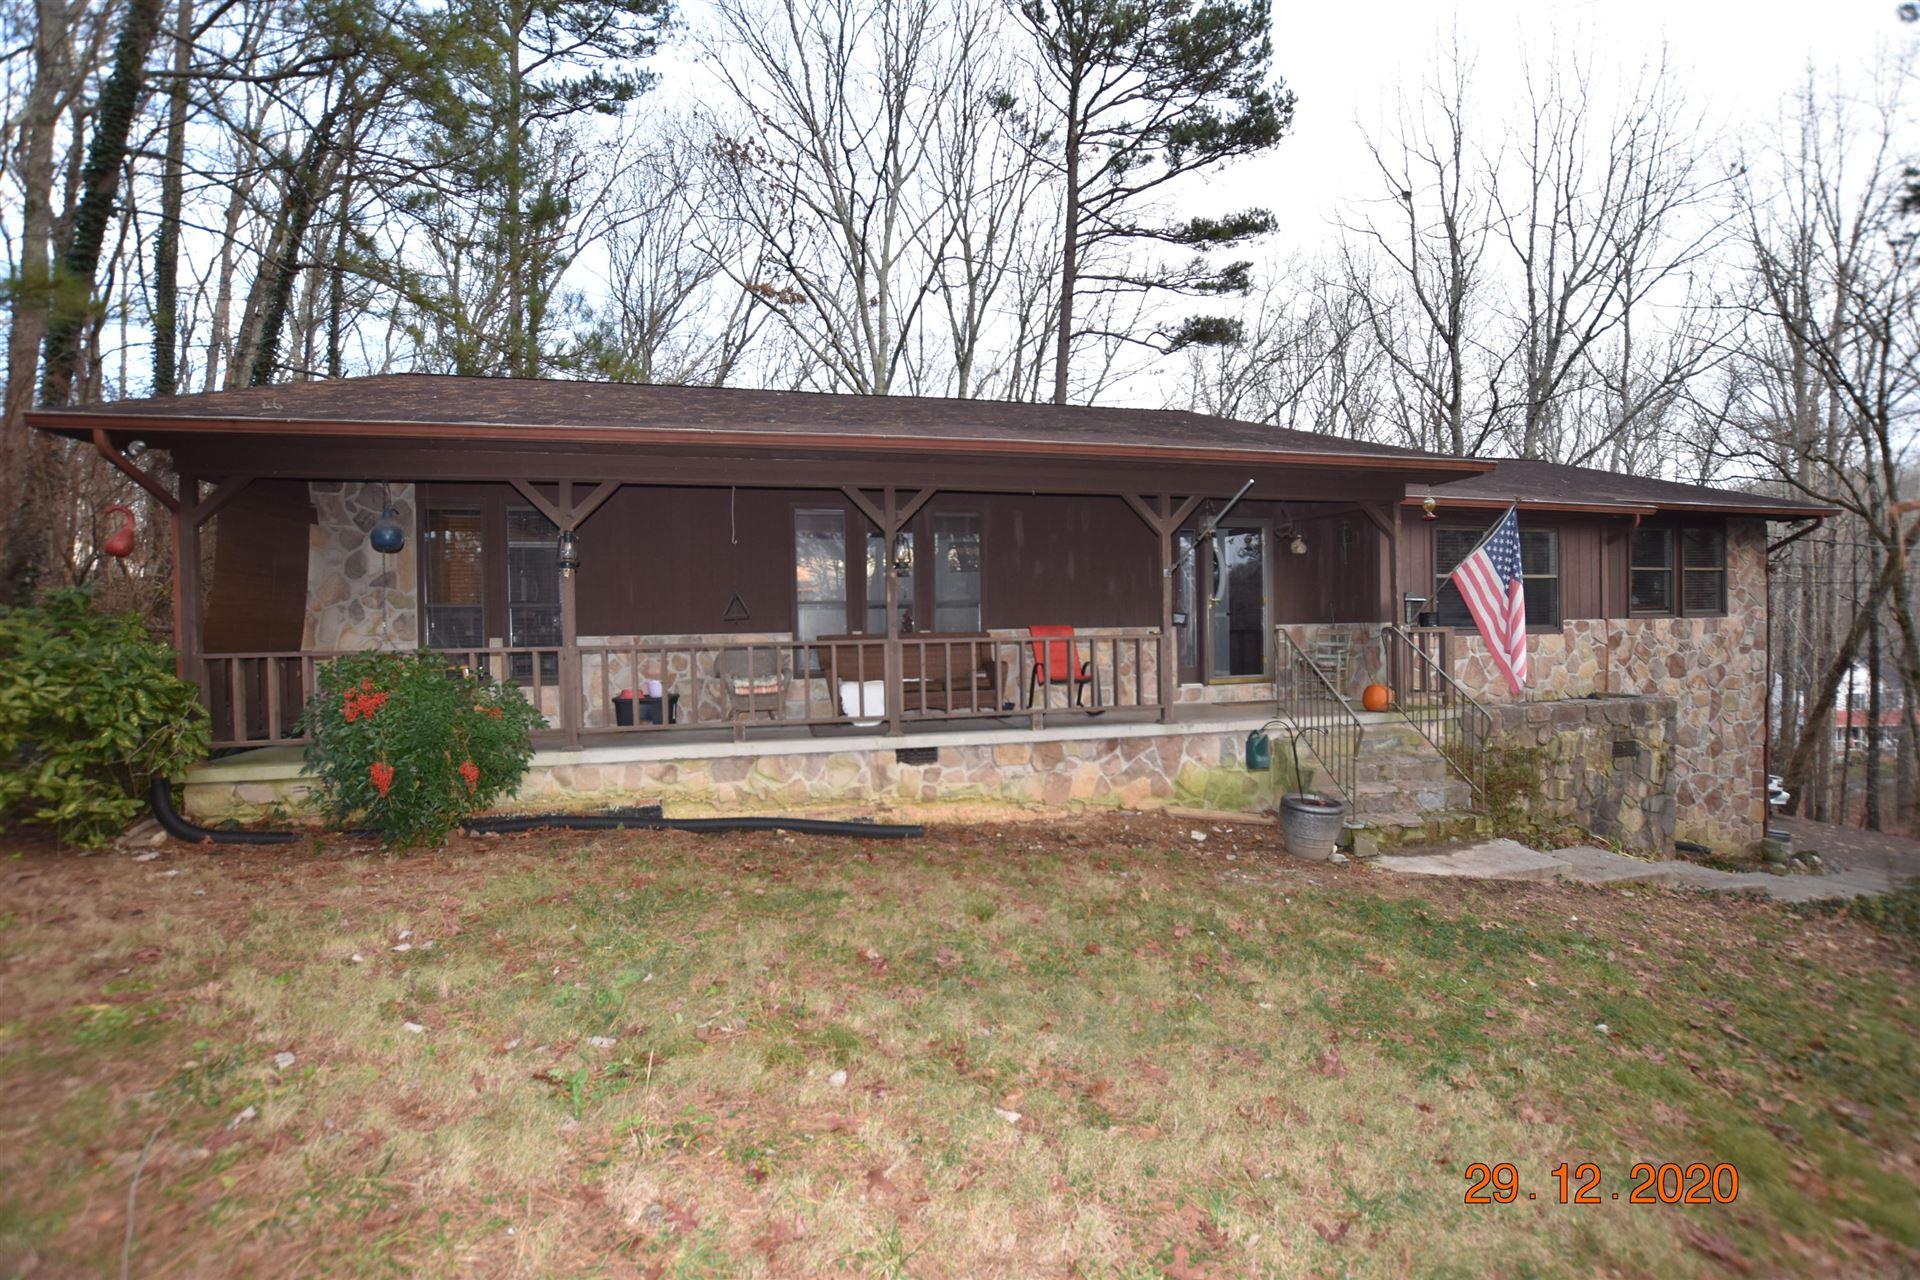 Photo of 103 Whippoorwill Drive, Oak Ridge, TN 37830 (MLS # 1139031)